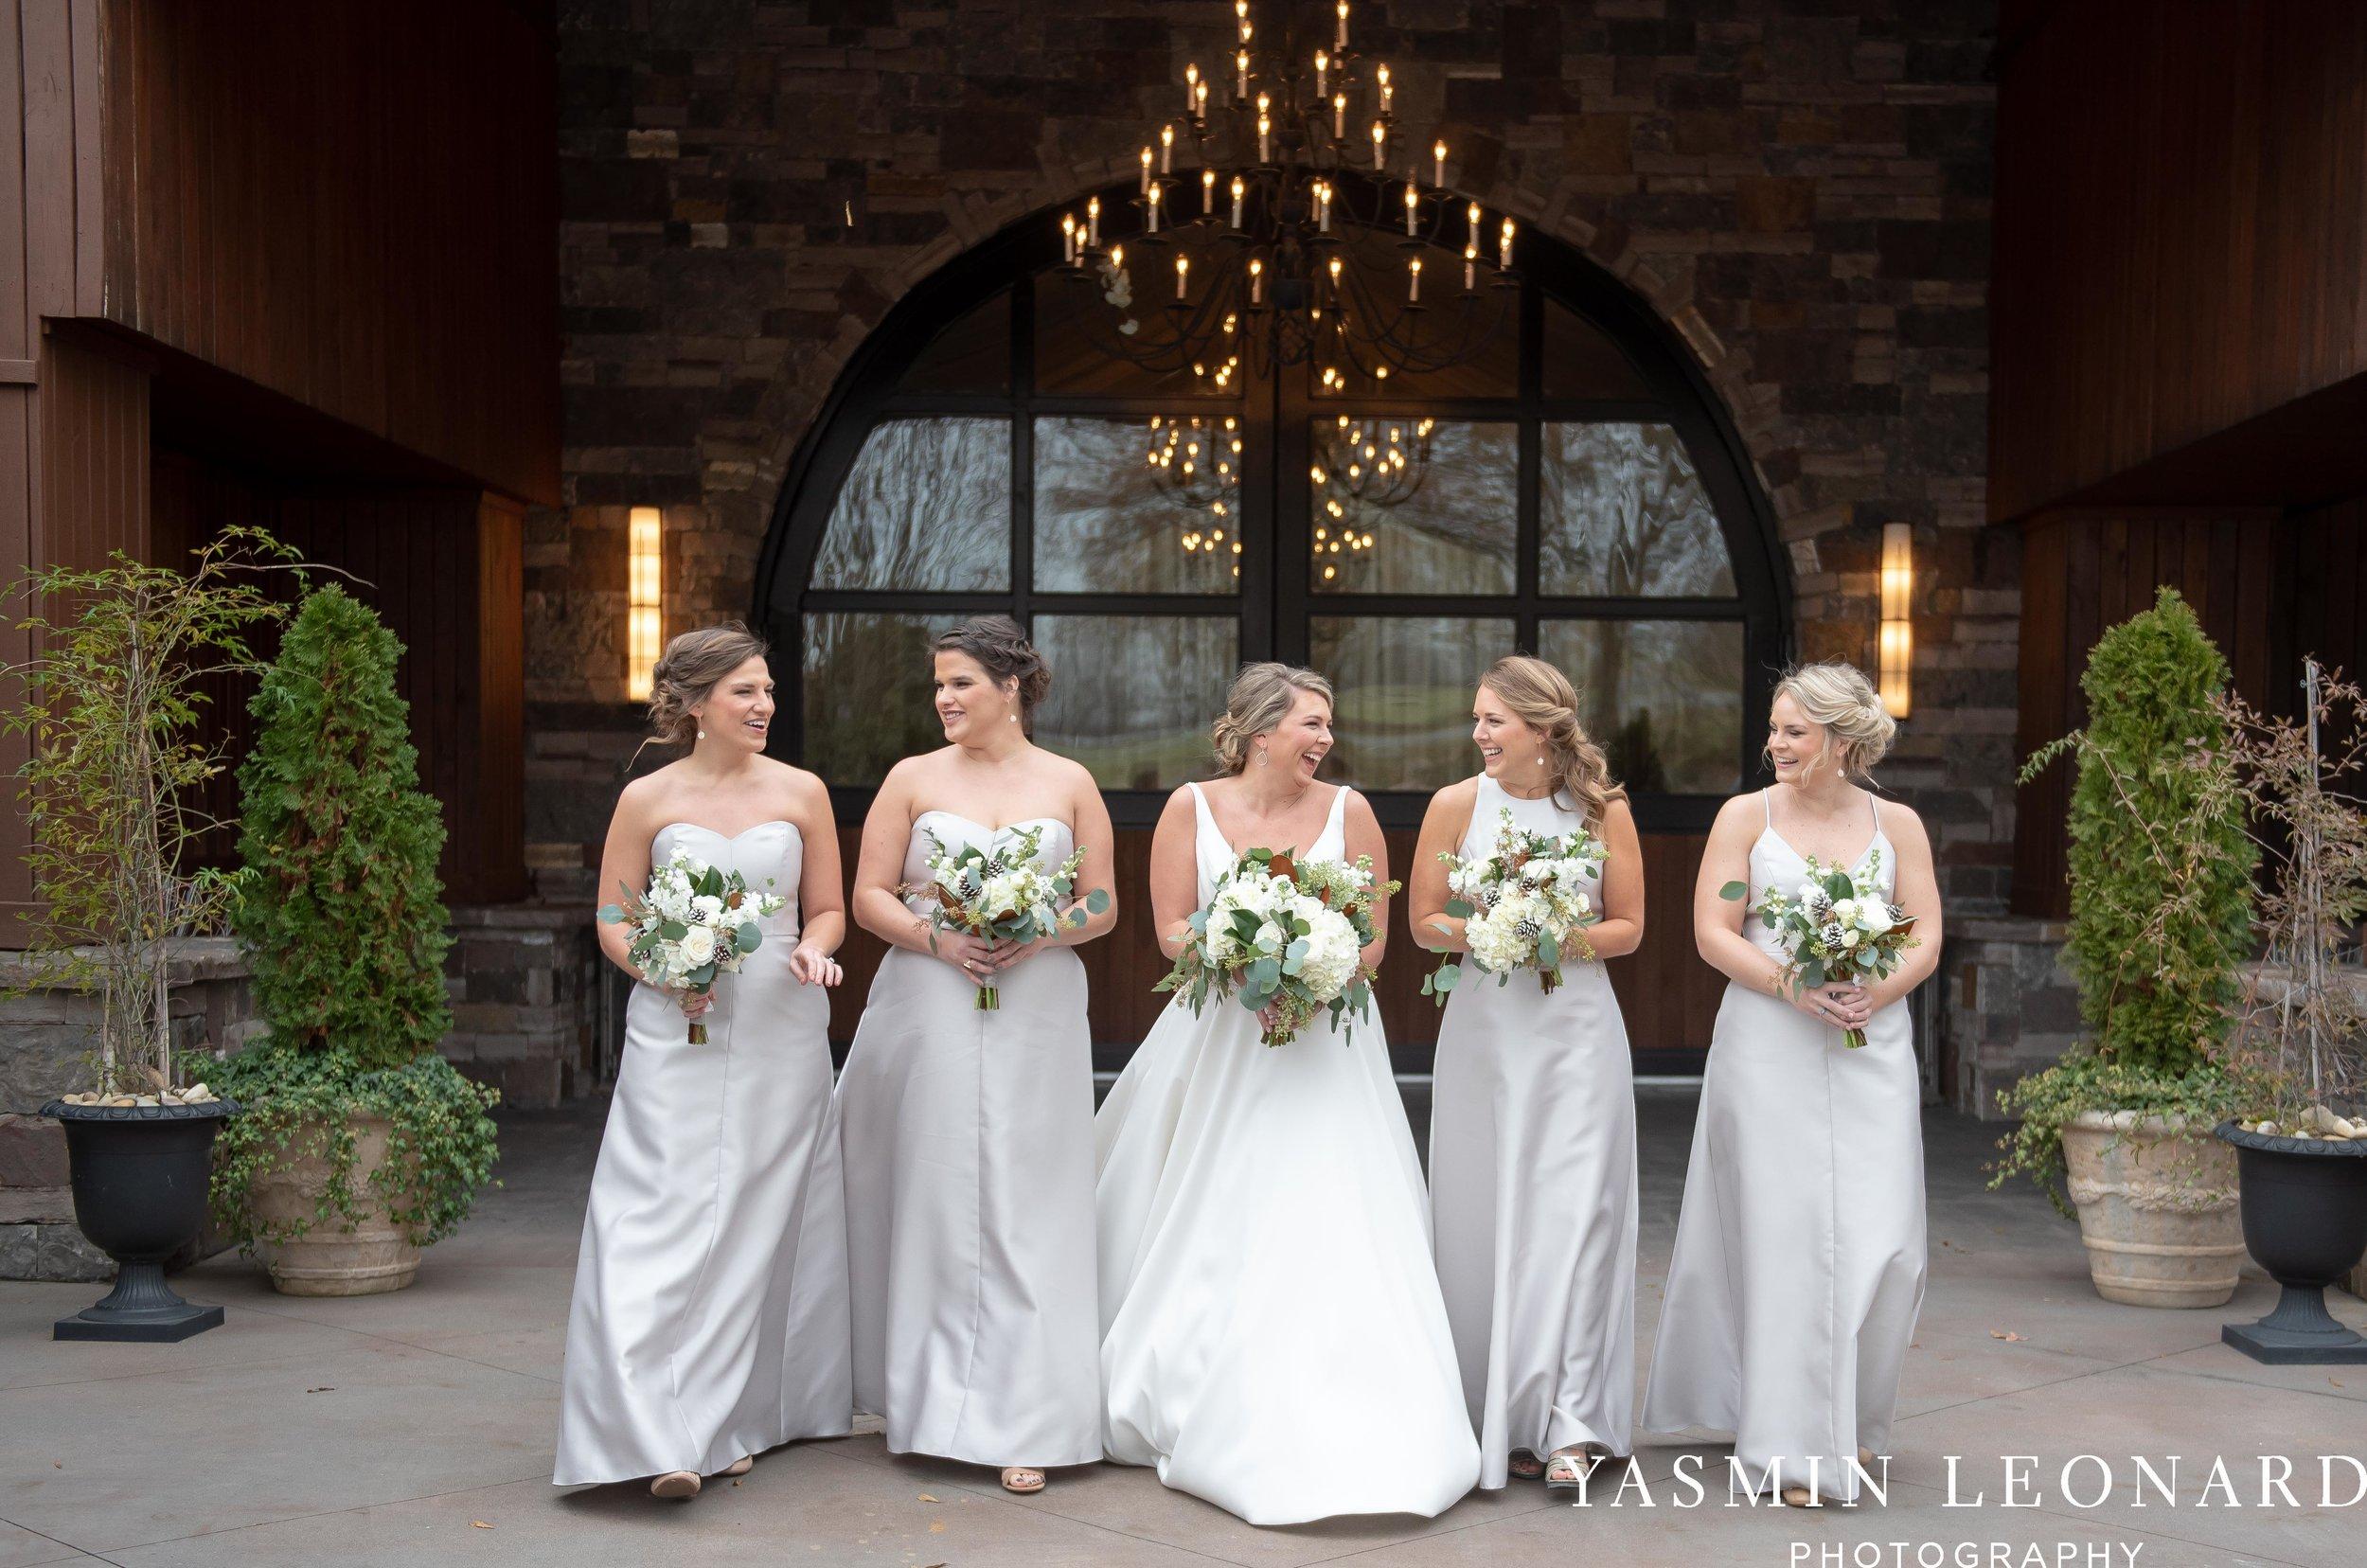 Adaumont Farm - Wesley Memorial Weddings - High Point Weddings - Just Priceless - NC Wedding Photographer - Yasmin Leonard Photography - High Point Wedding Vendors-16.jpg